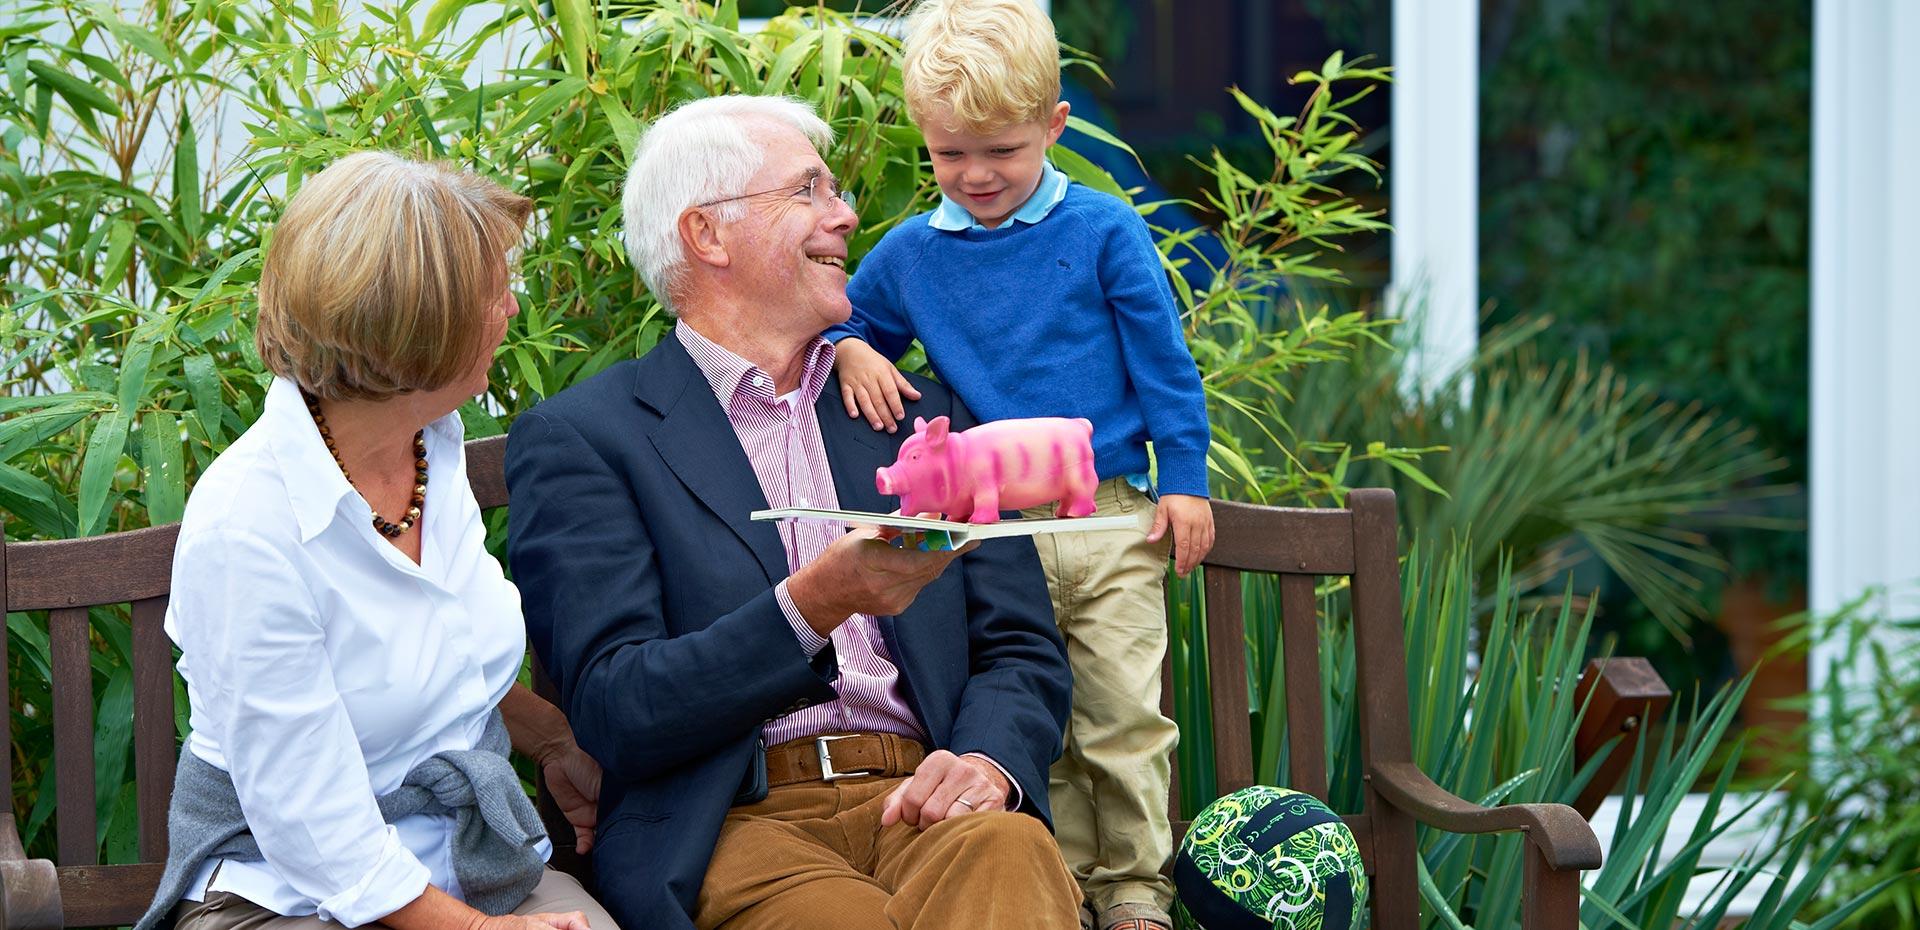 Opa und Enkel mit Bilderbuch und rosa Schweinchen